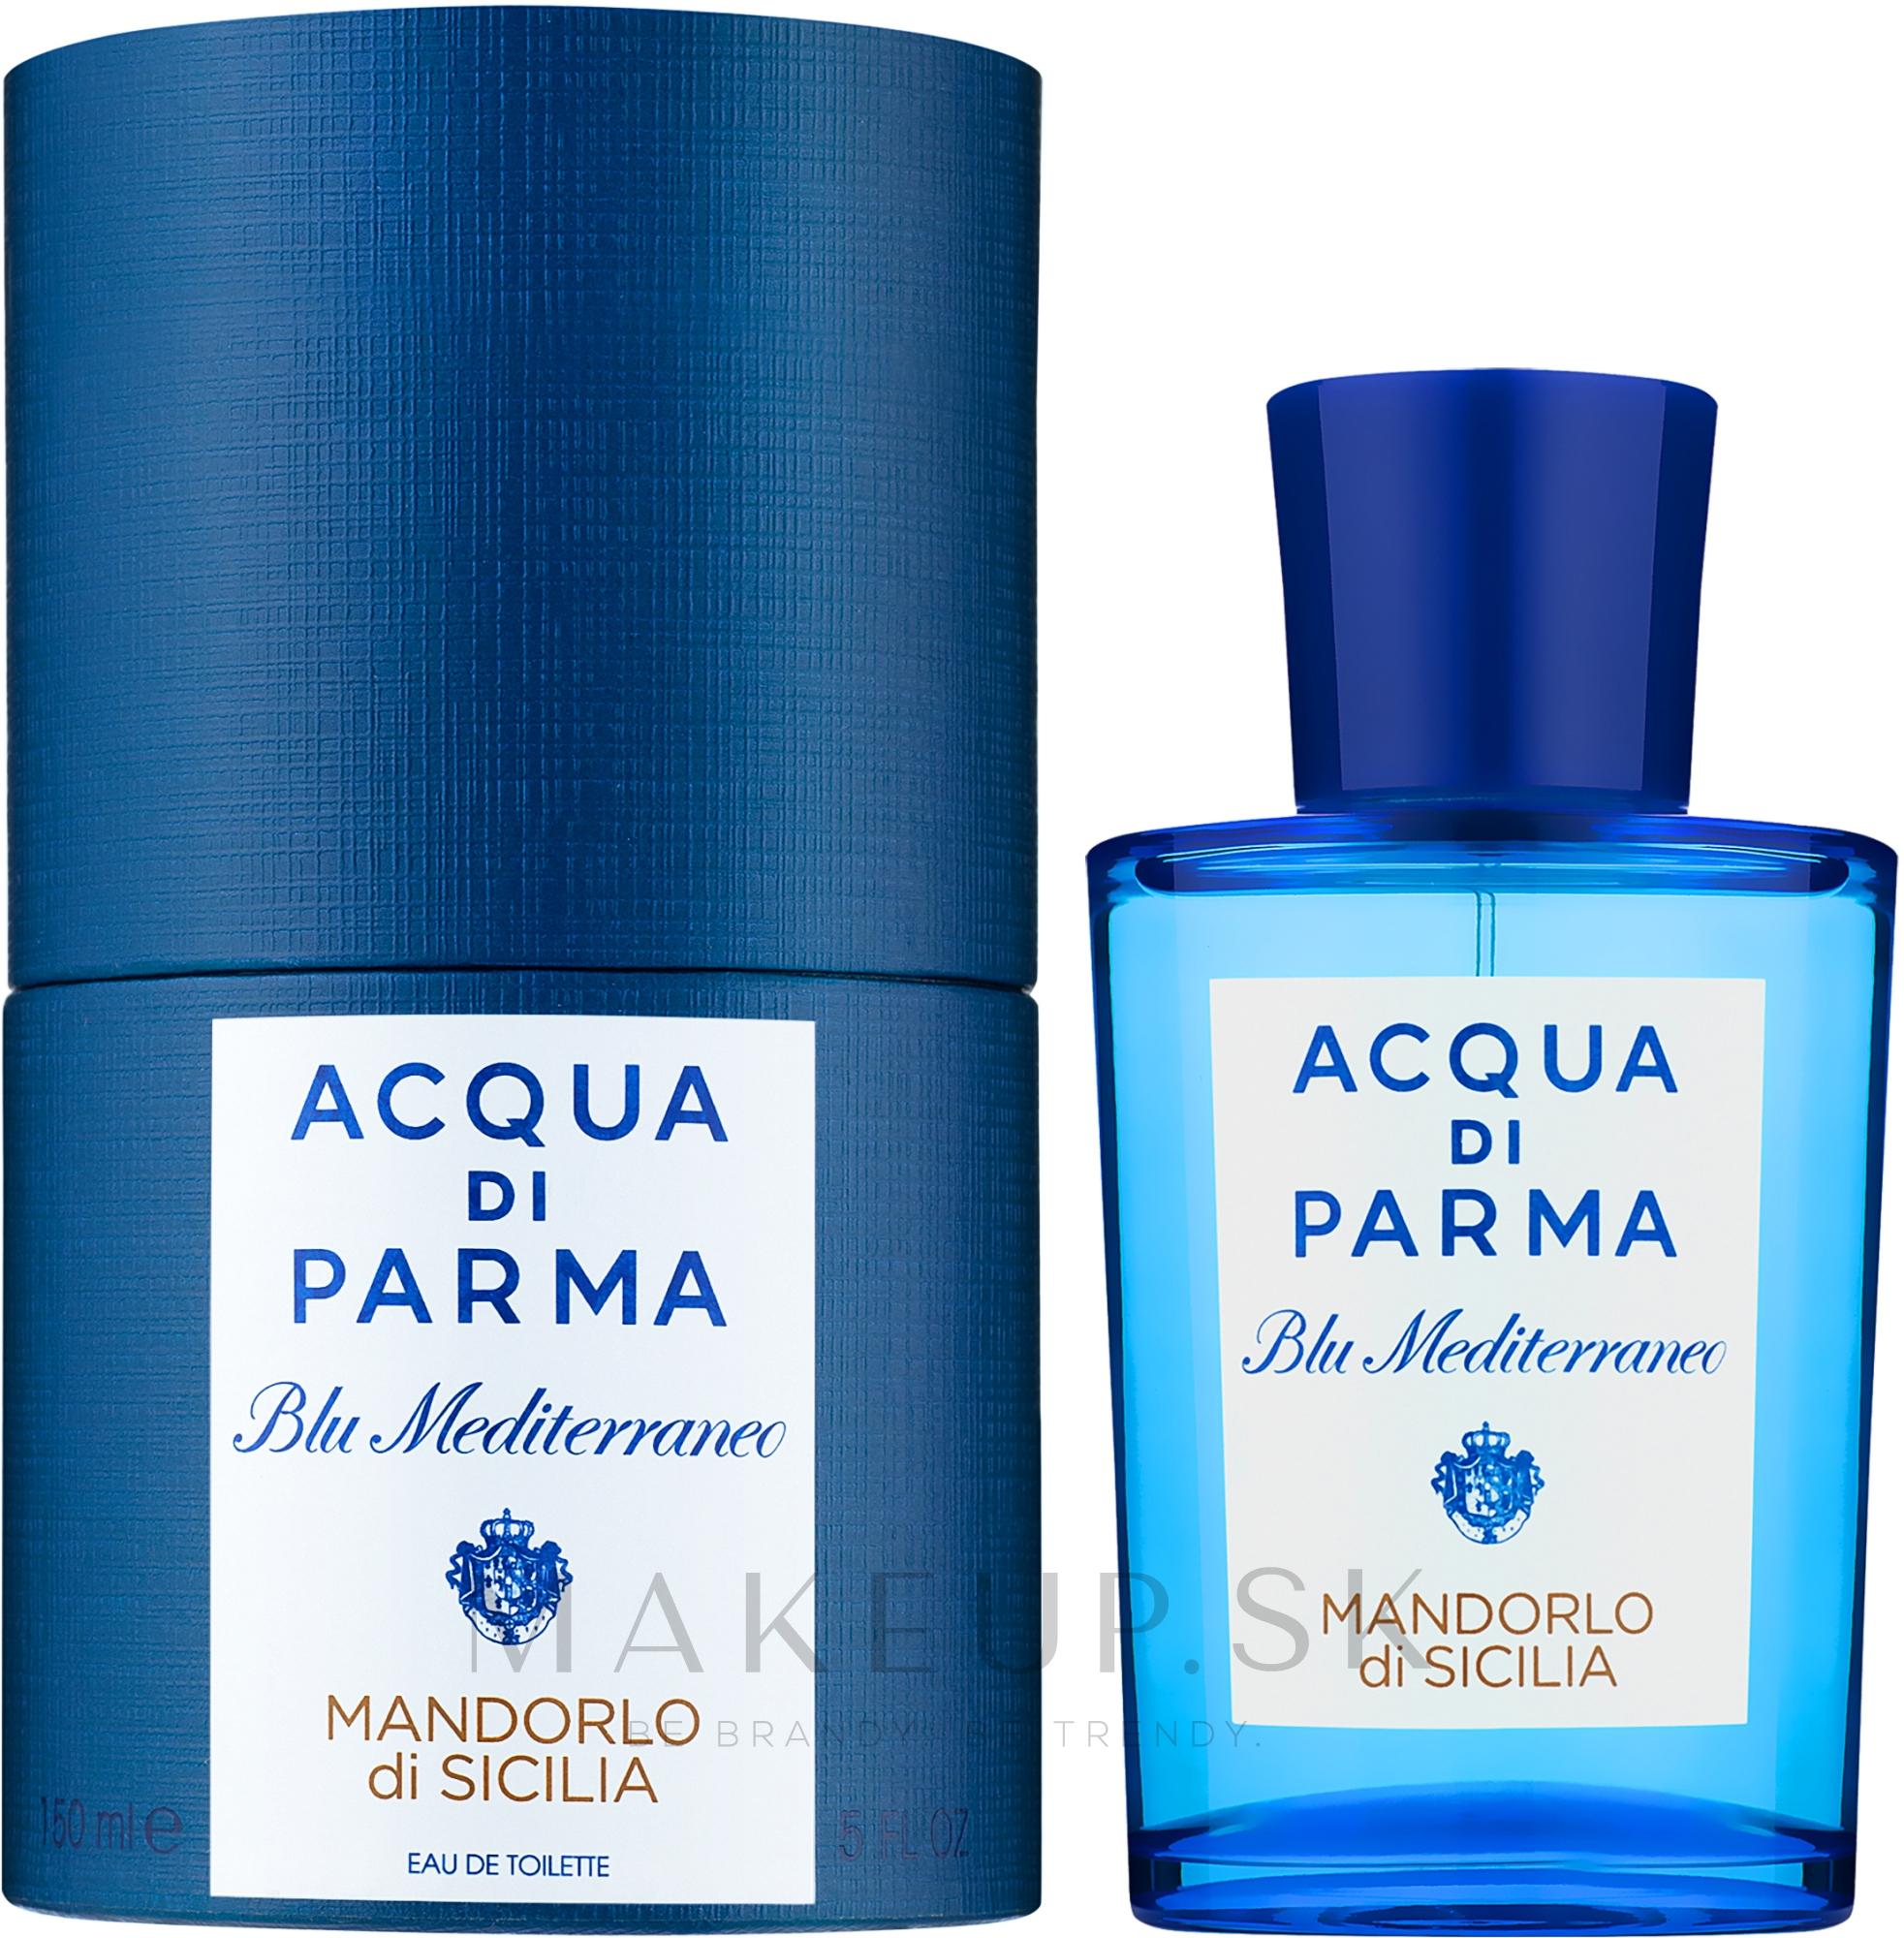 Acqua Di Parma Blu Mediterraneo Mandorlo Di Sicilia - Toaletná voda — Obrázky 150 ml